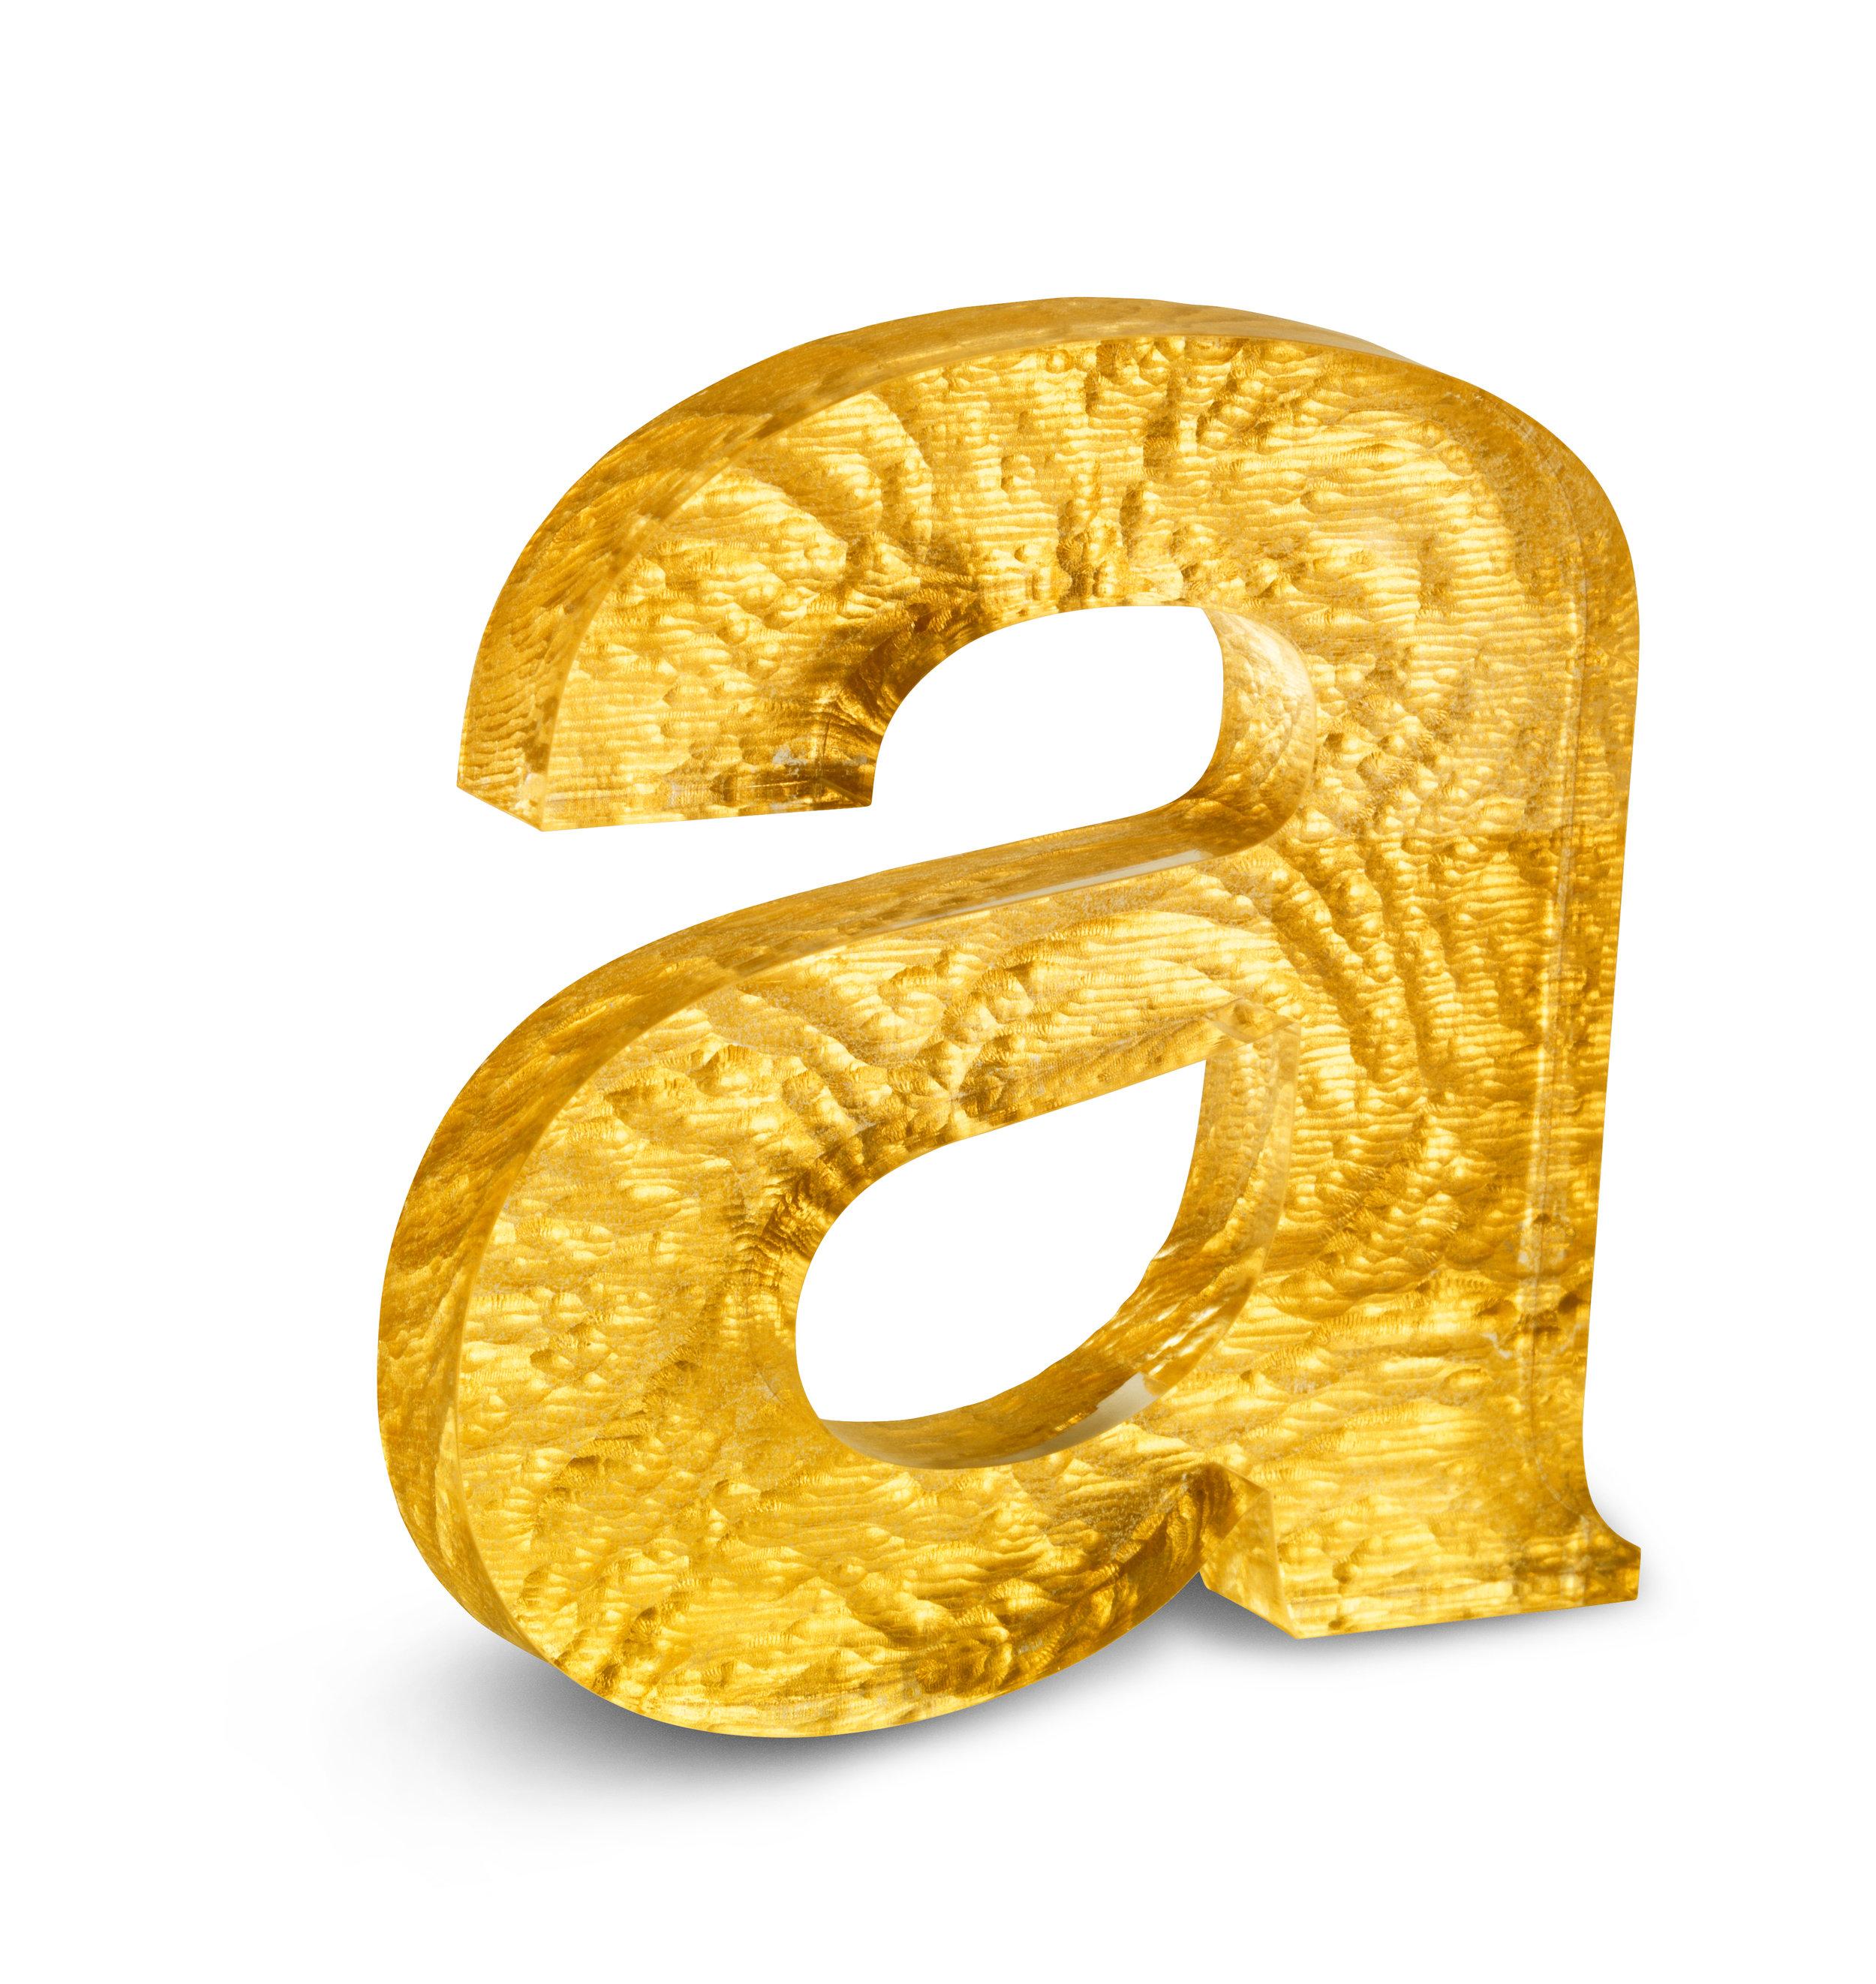 Acrytex Gold Leaf